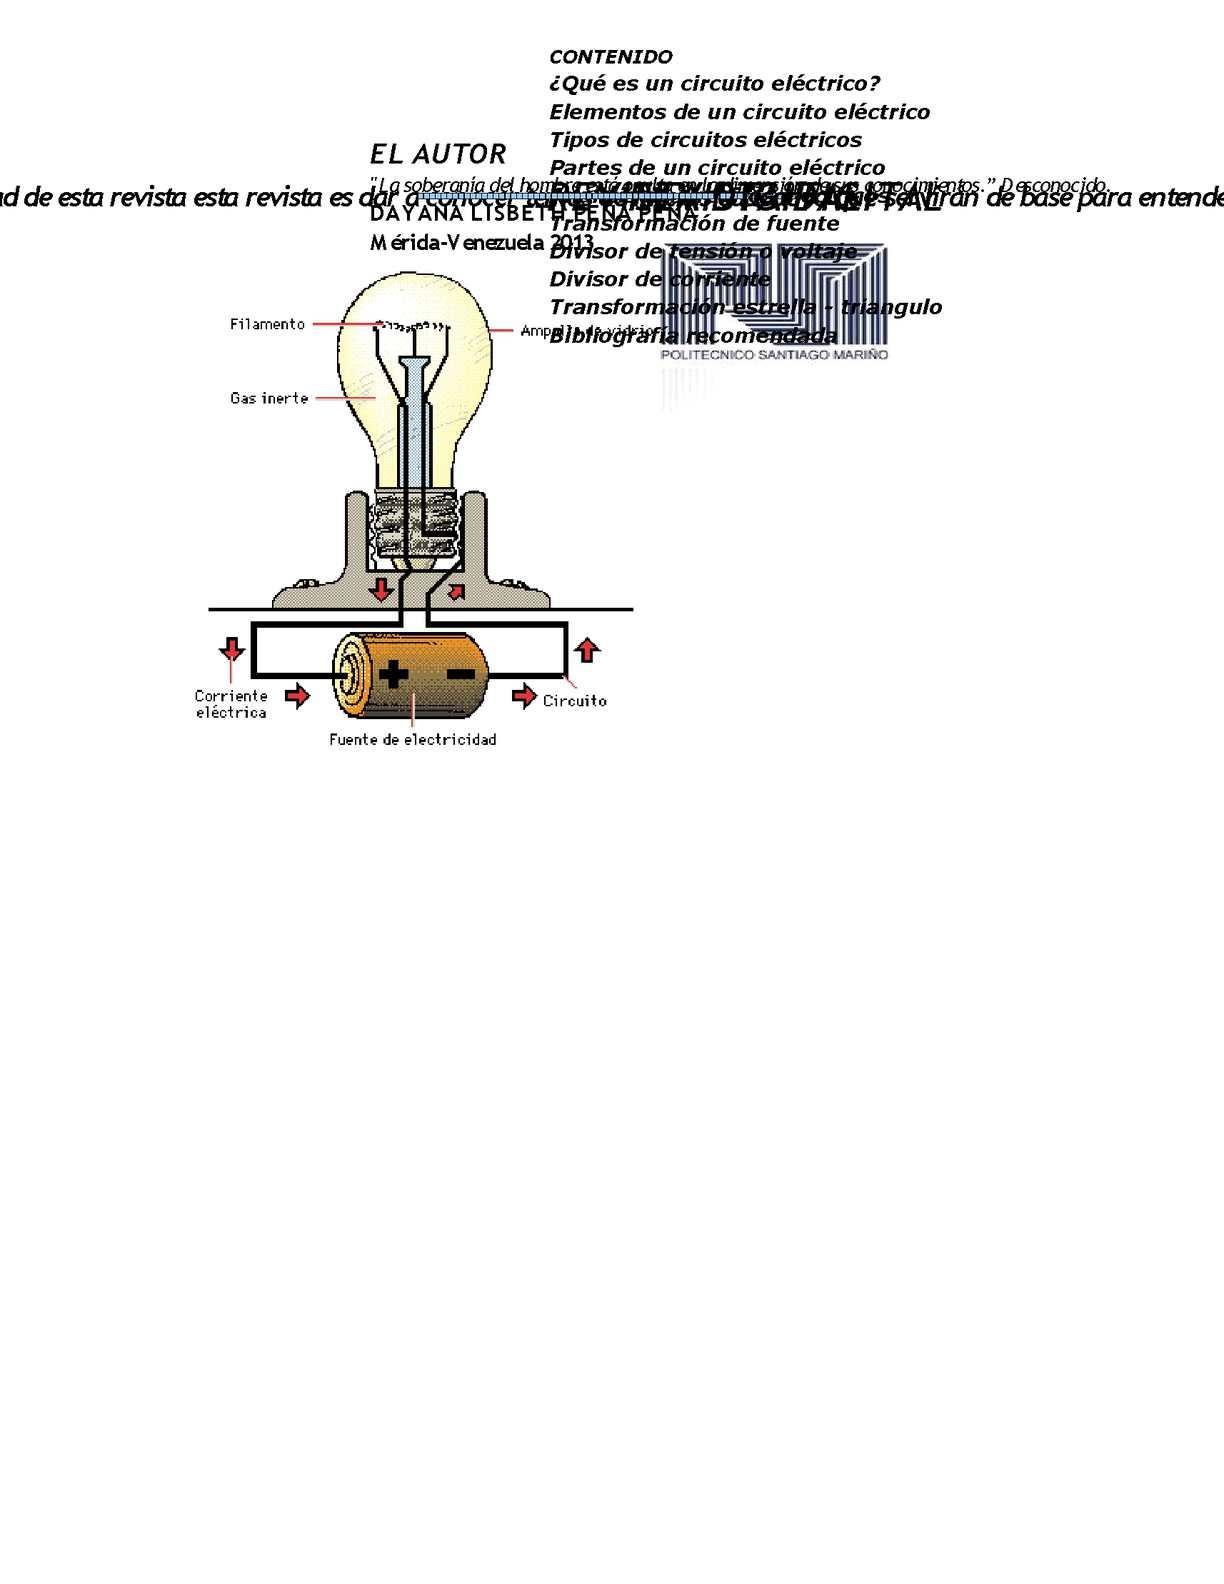 Circuito Electrico : Calaméo revista circuitos electricos